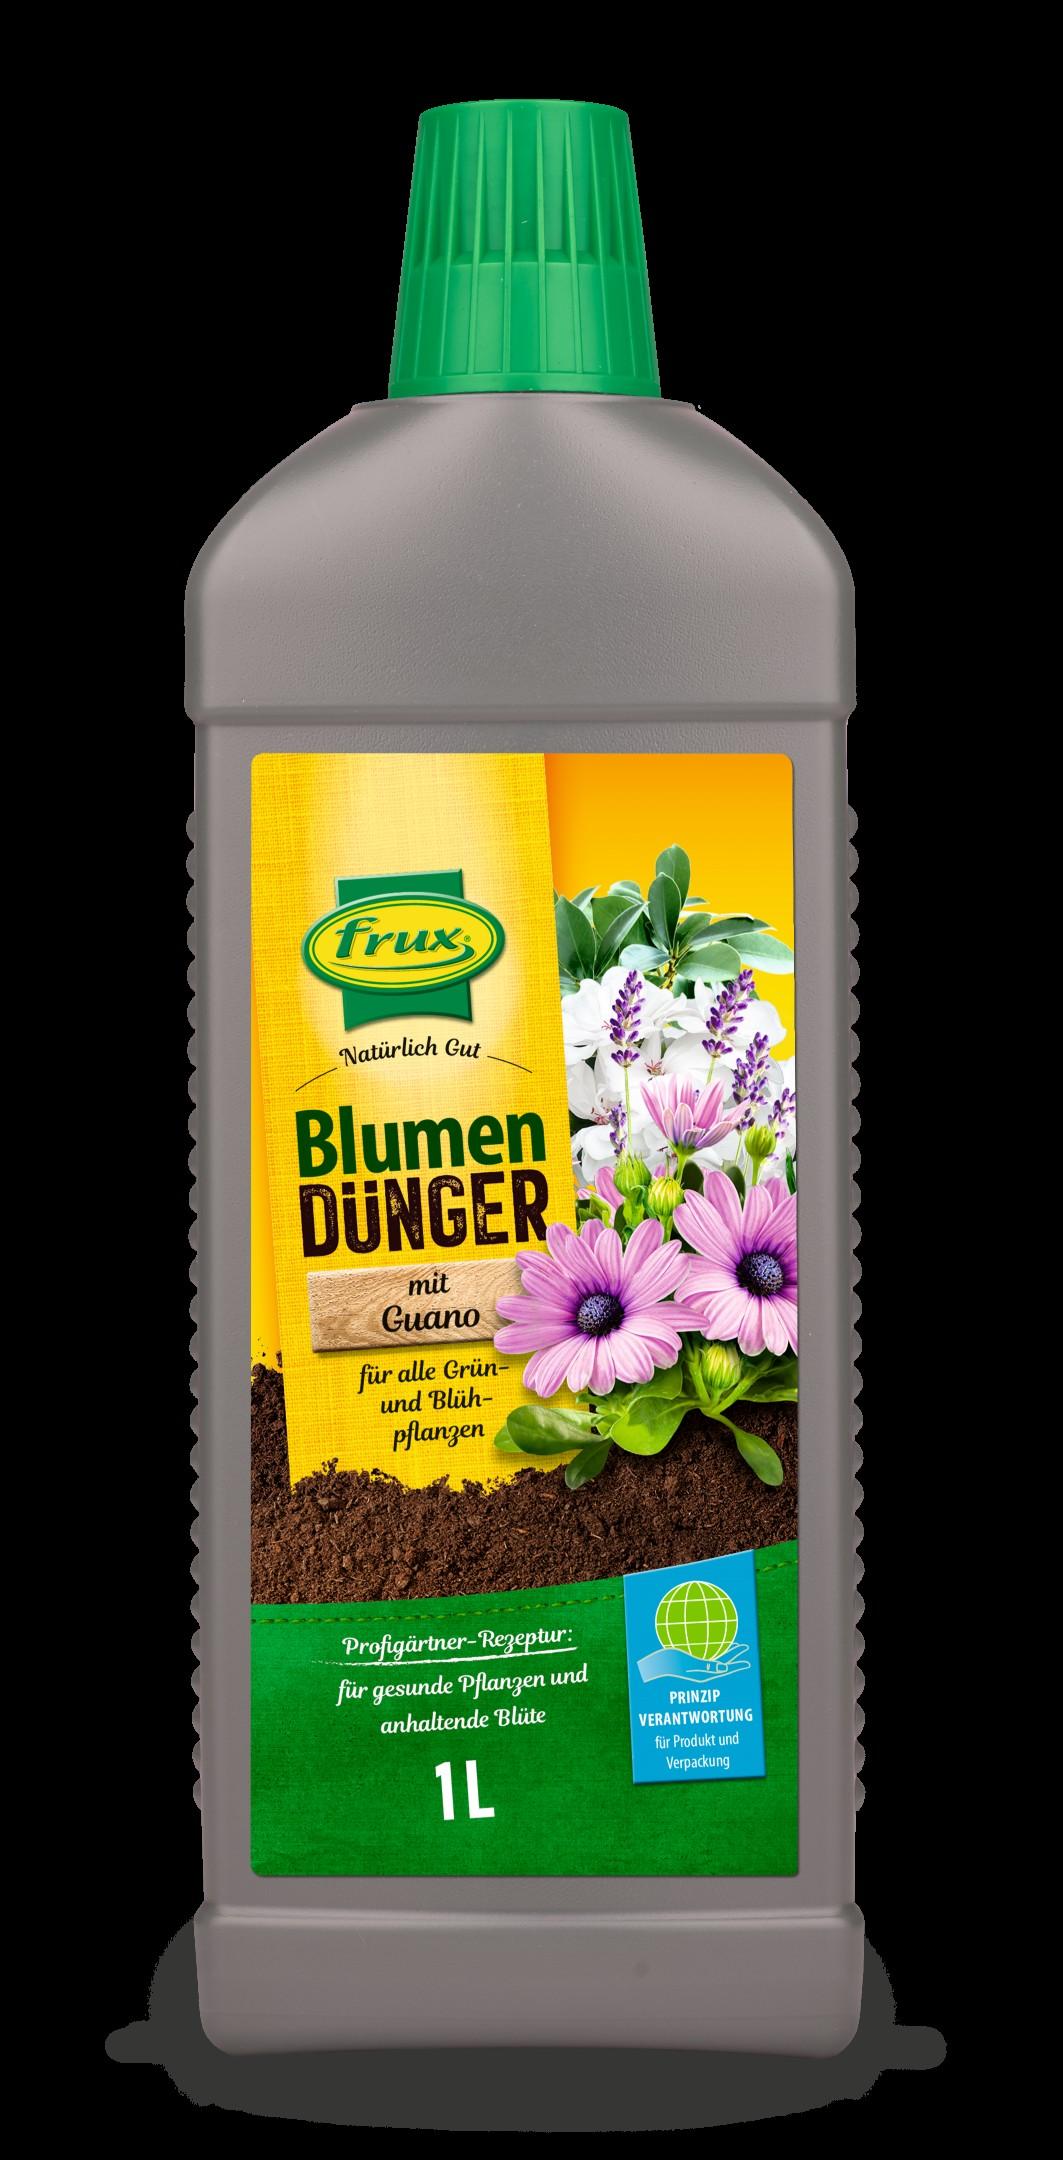 Blumendünger mit Guano flüssig Bild 2